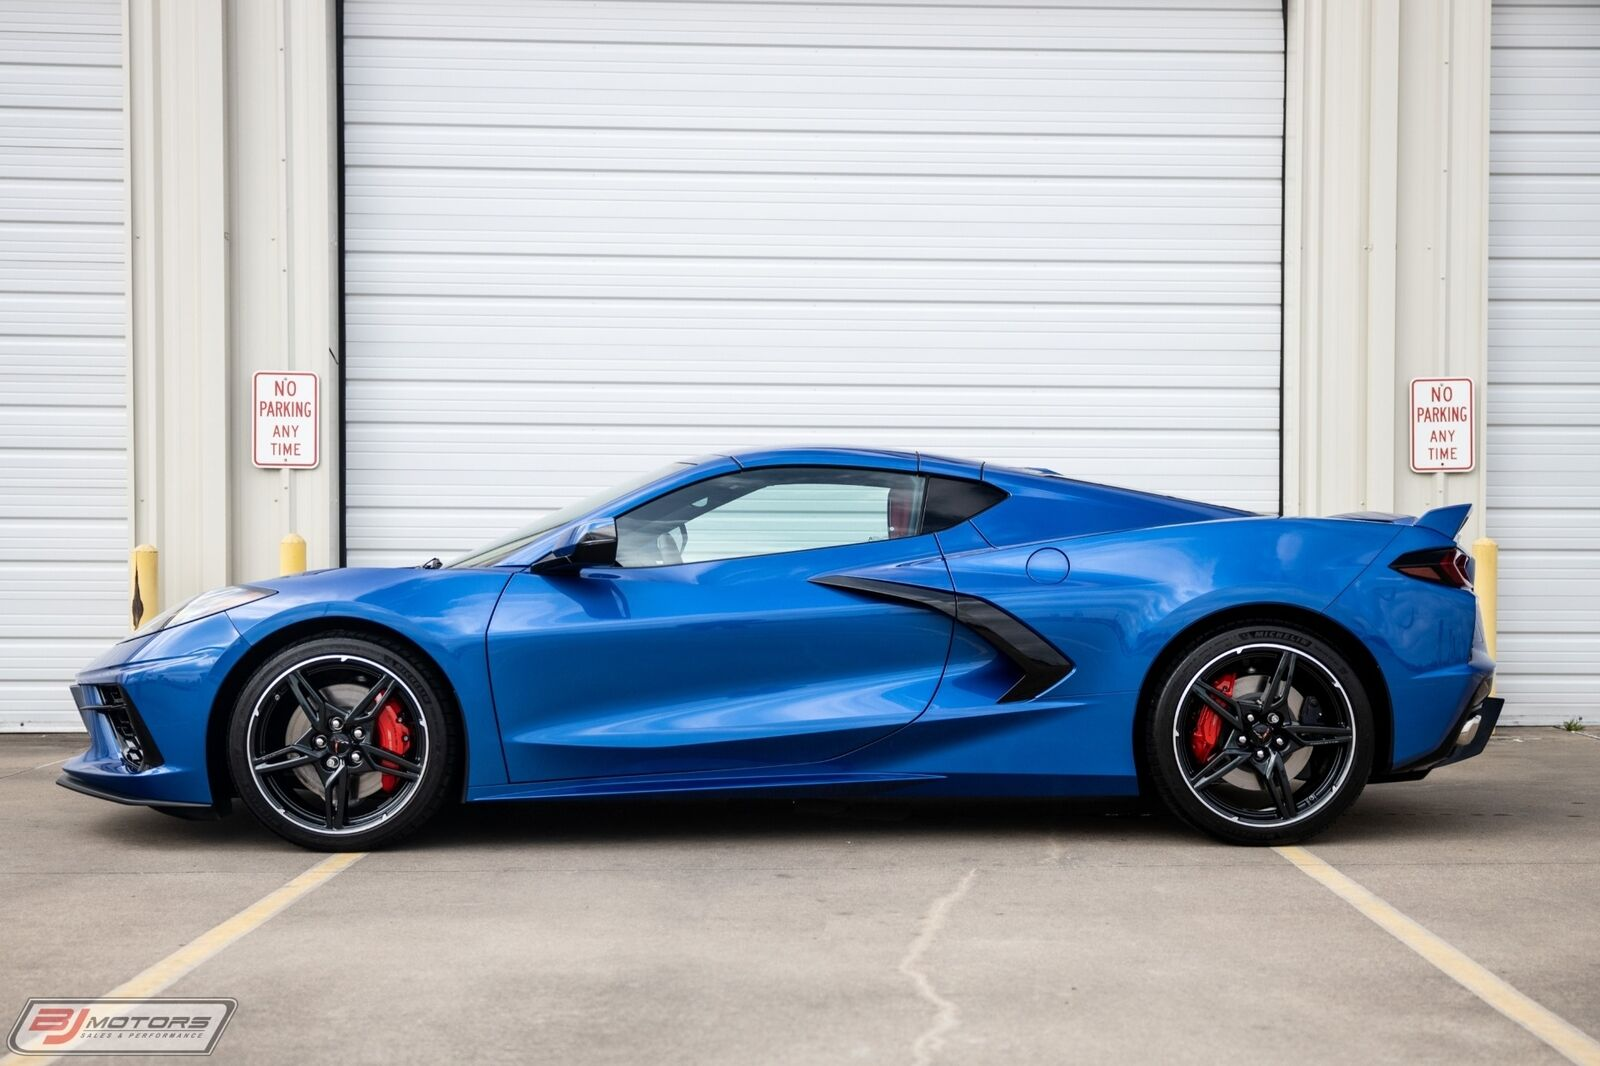 2020 Blue Chevrolet Corvette  2LT | C7 Corvette Photo 9